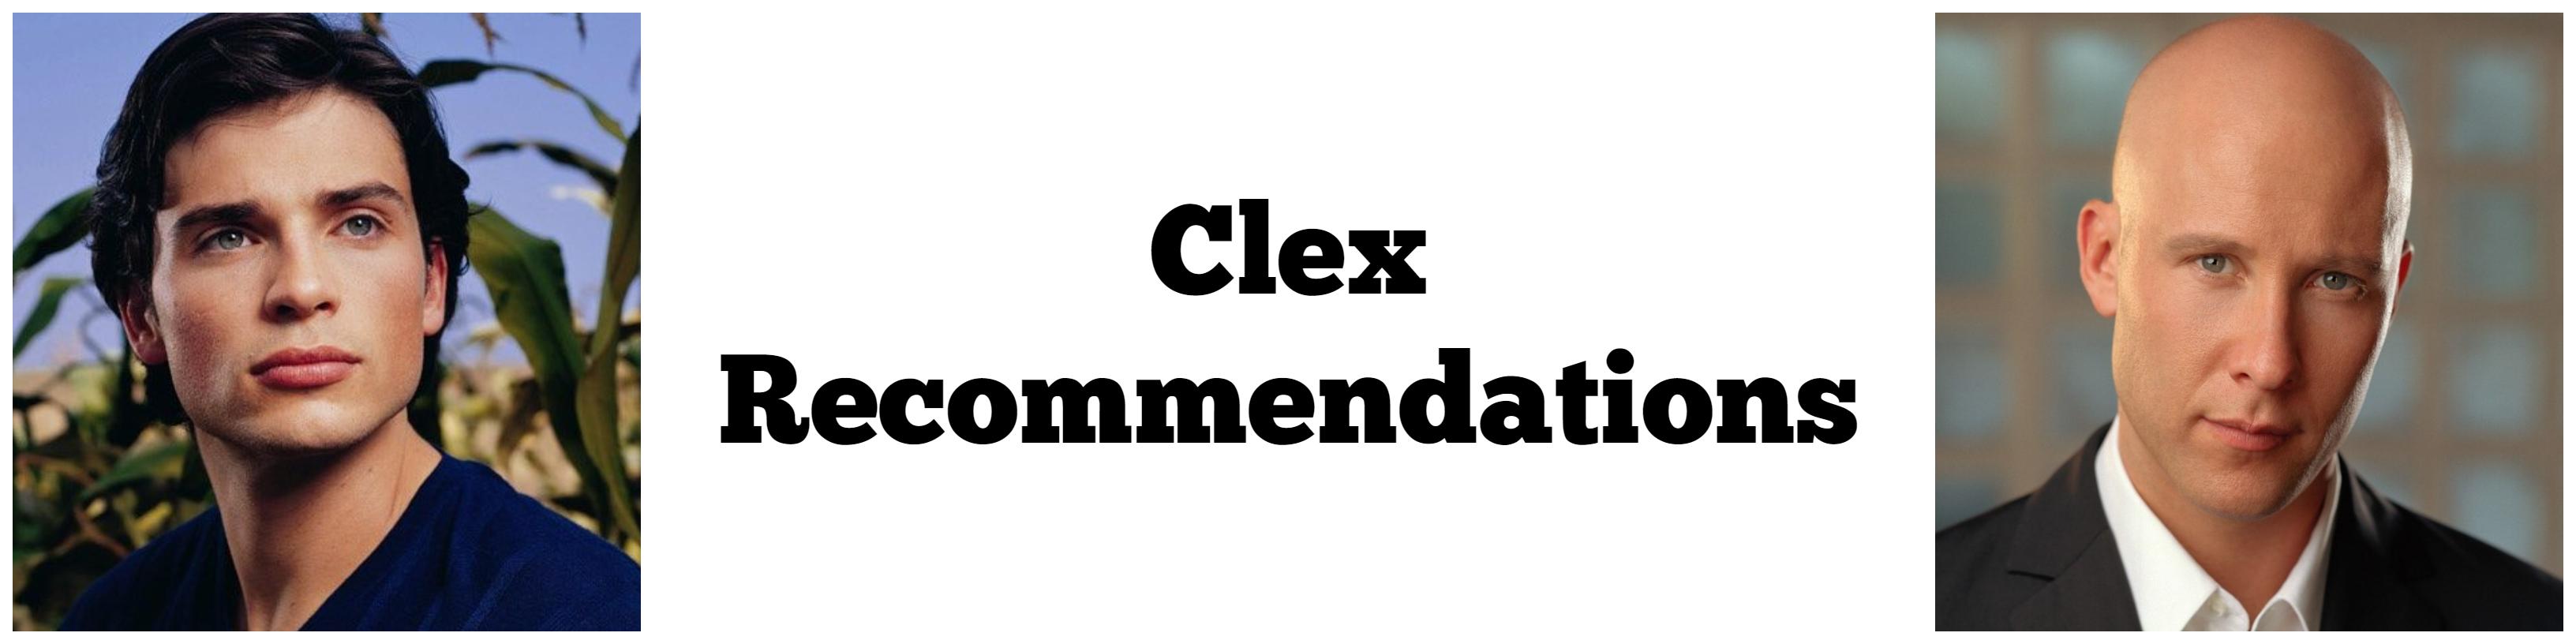 Clex Banner